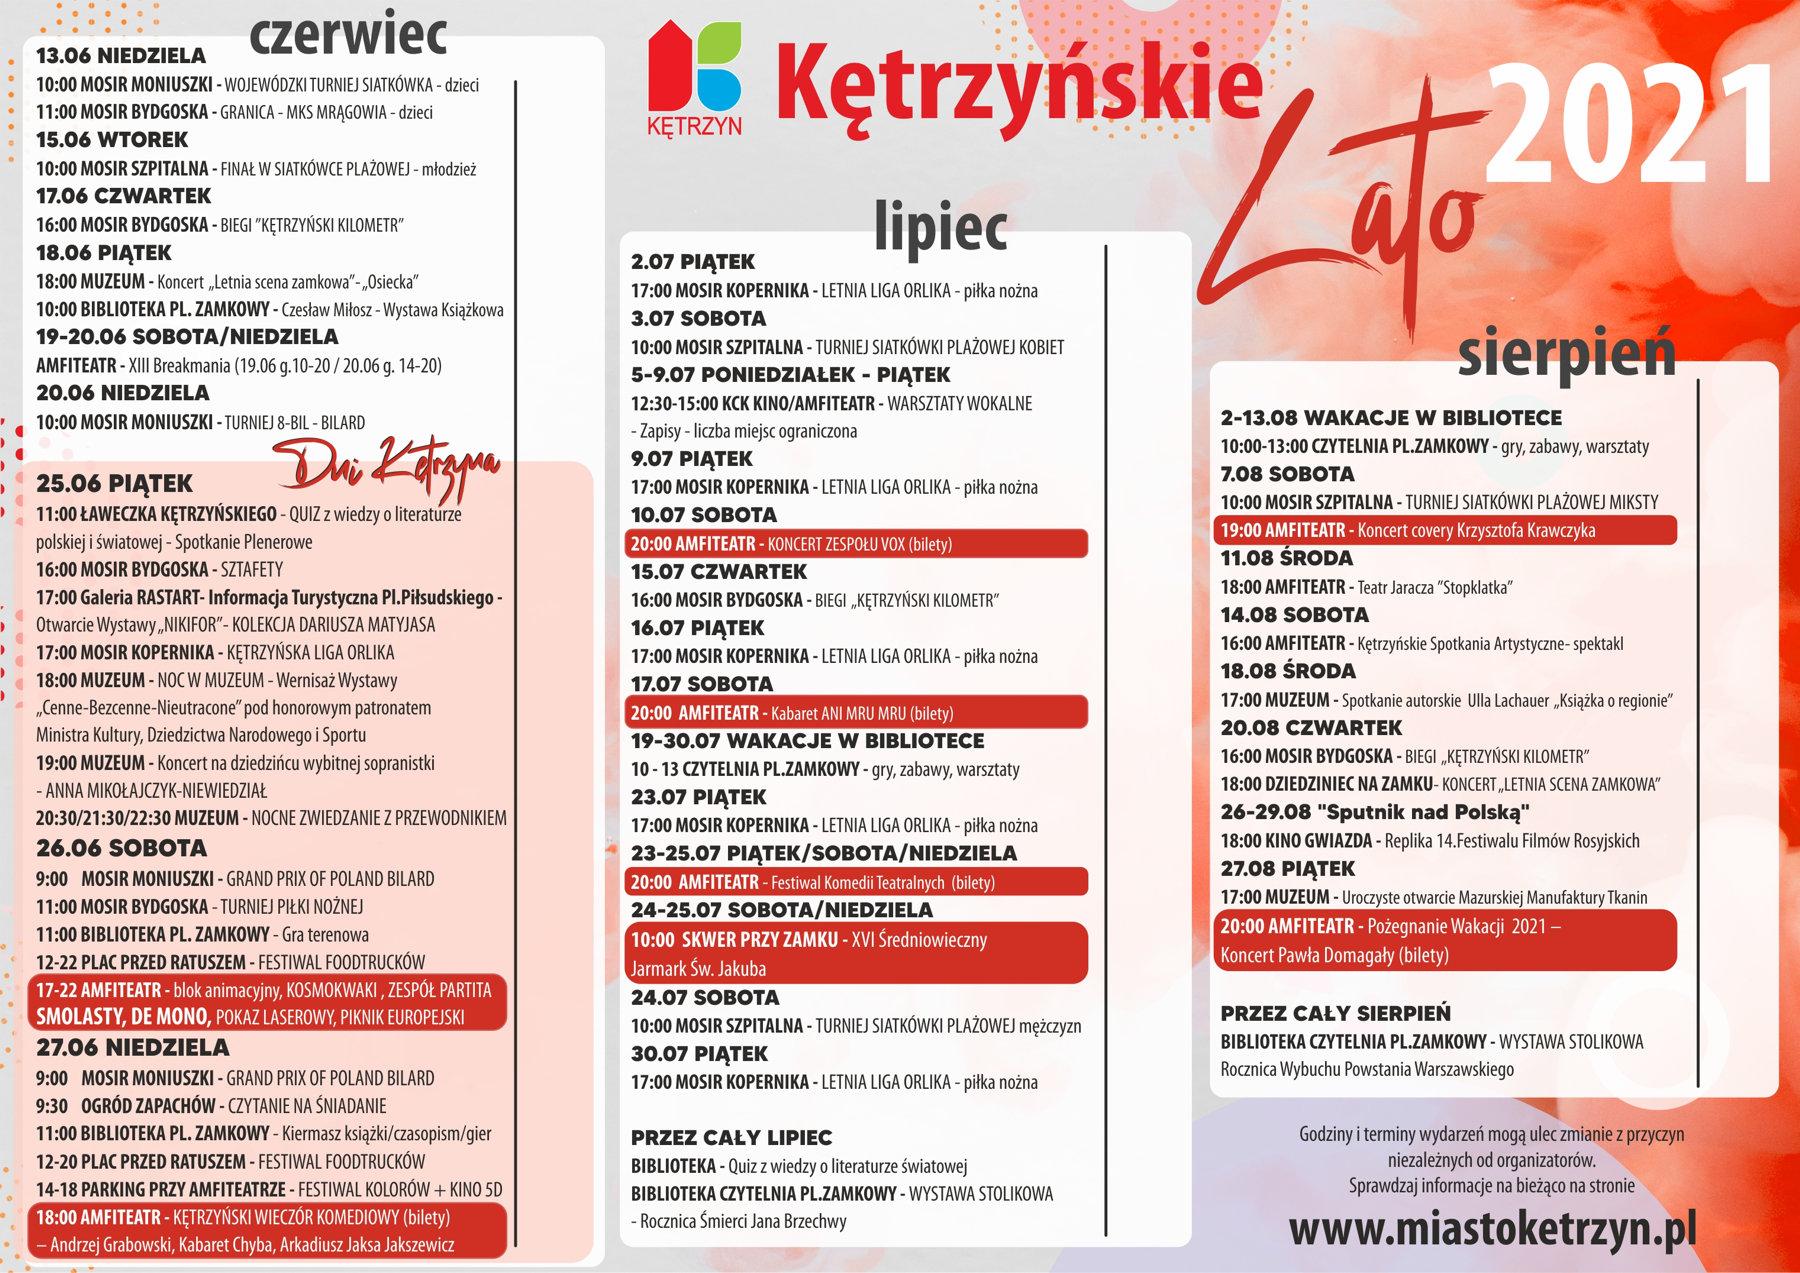 Kętrzyńskie Lato 2021 - kalendarz imprez